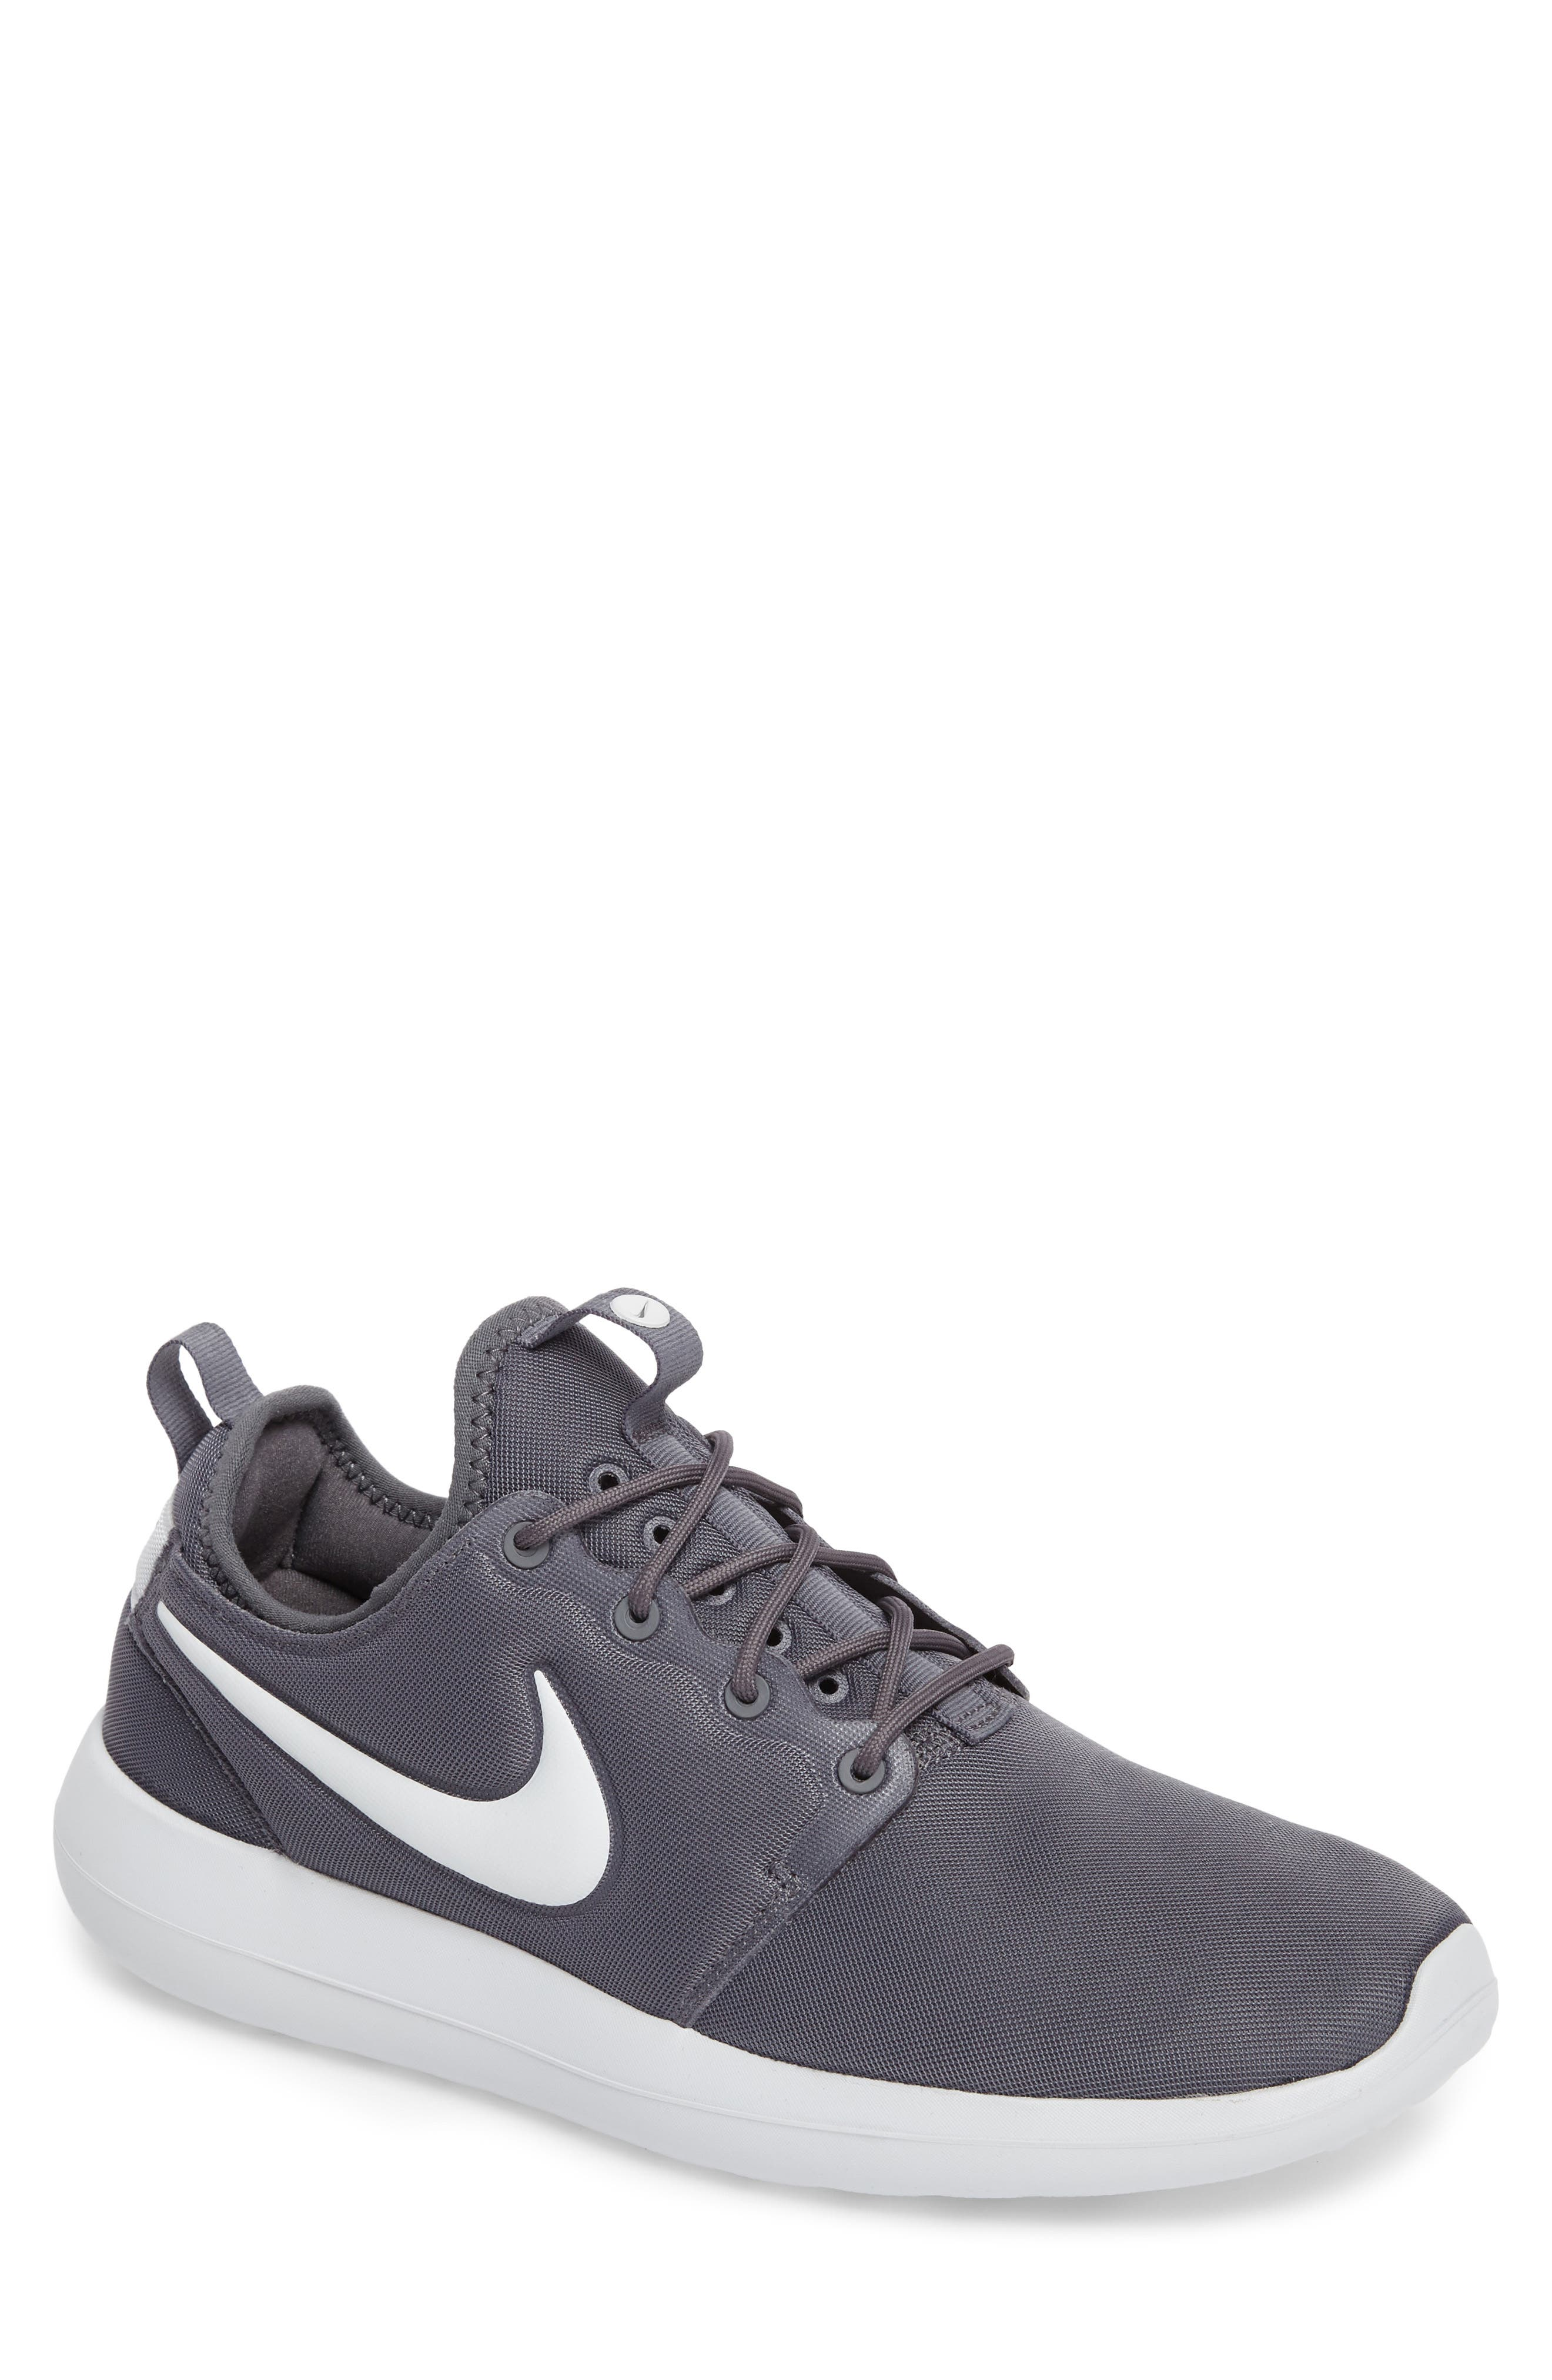 Main Image - Nike Roshe Two Sneaker (Men)